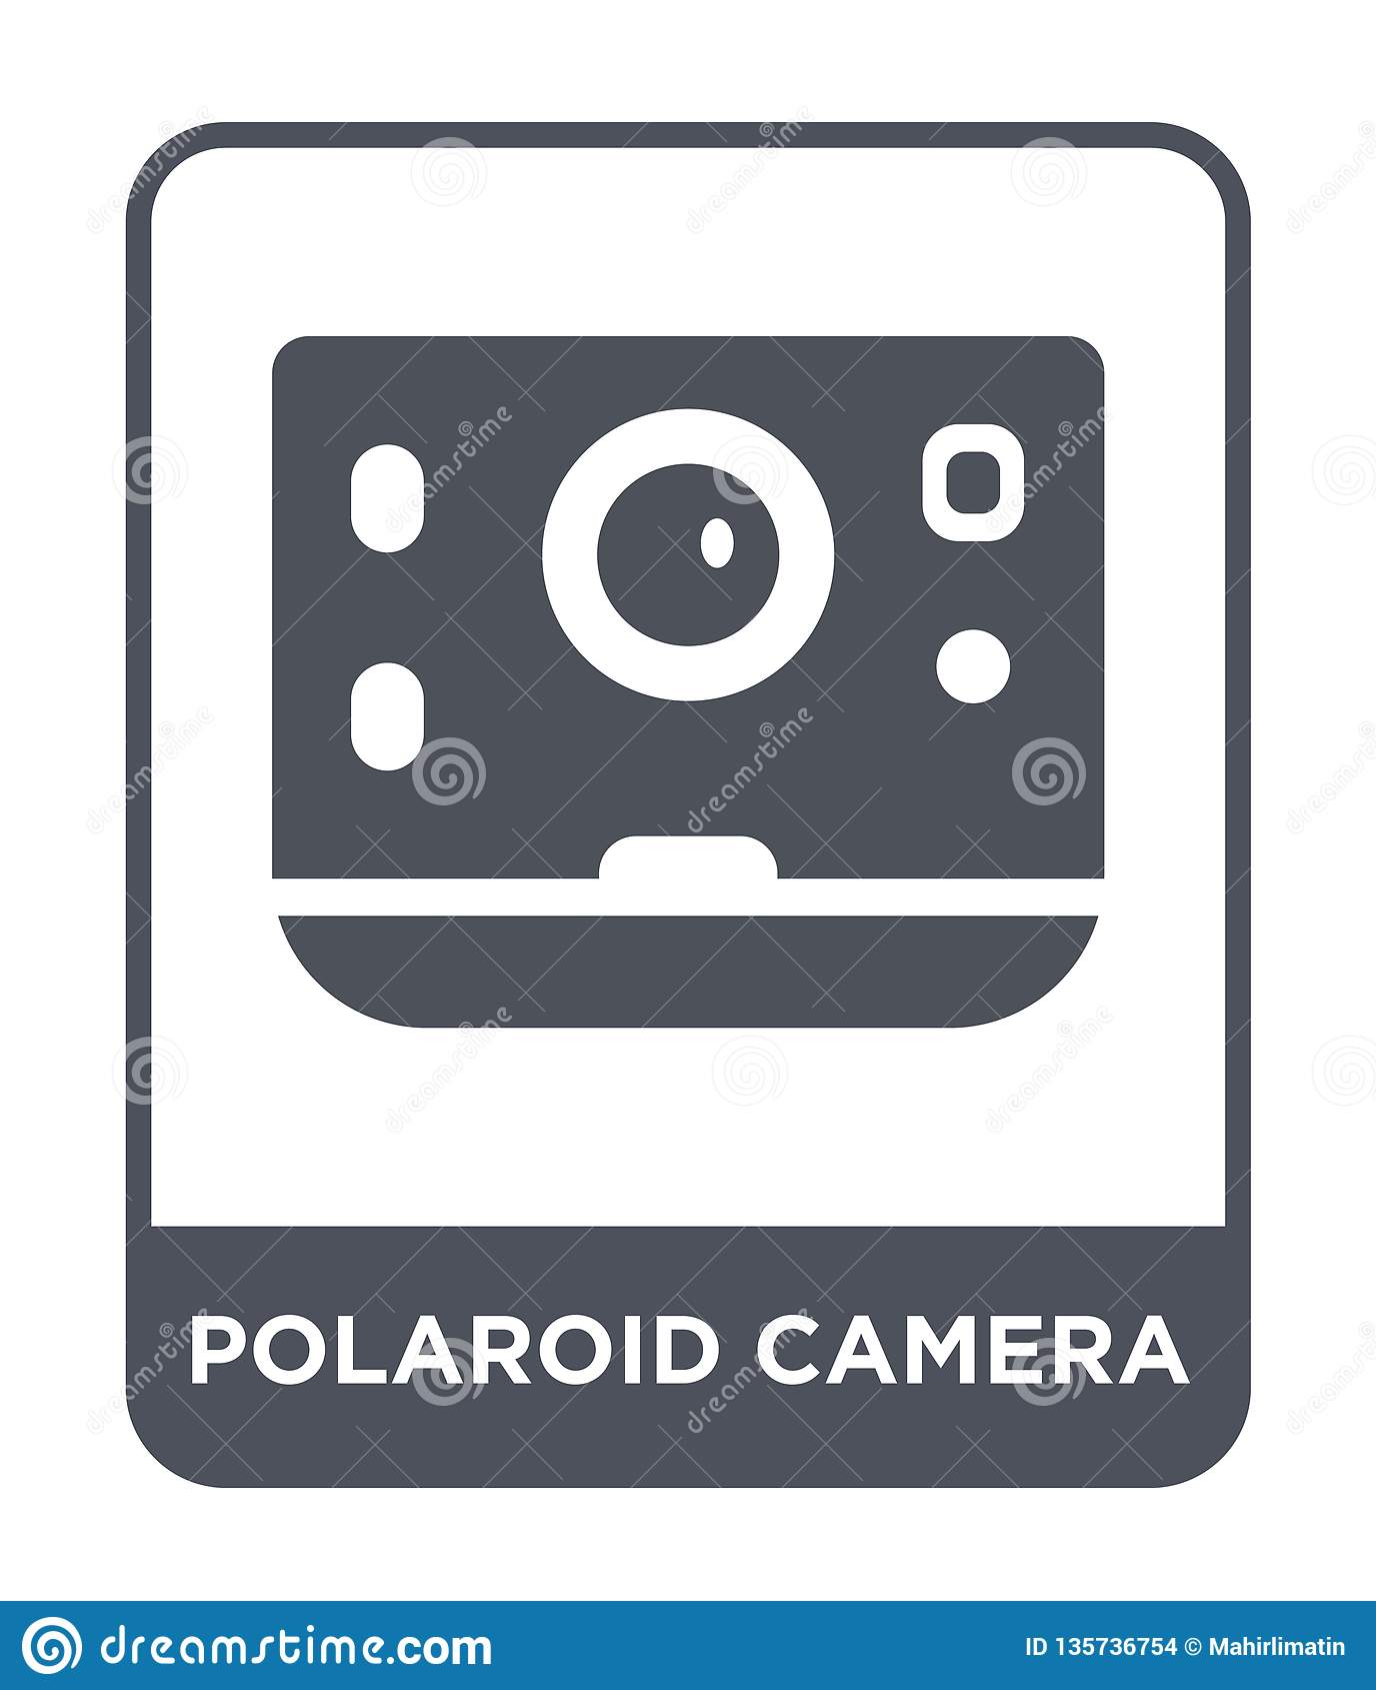 在时髦设计样式的偏振光相机象 在白色背景隔绝的偏振光相机象 偏振光相机简单传染媒介的象